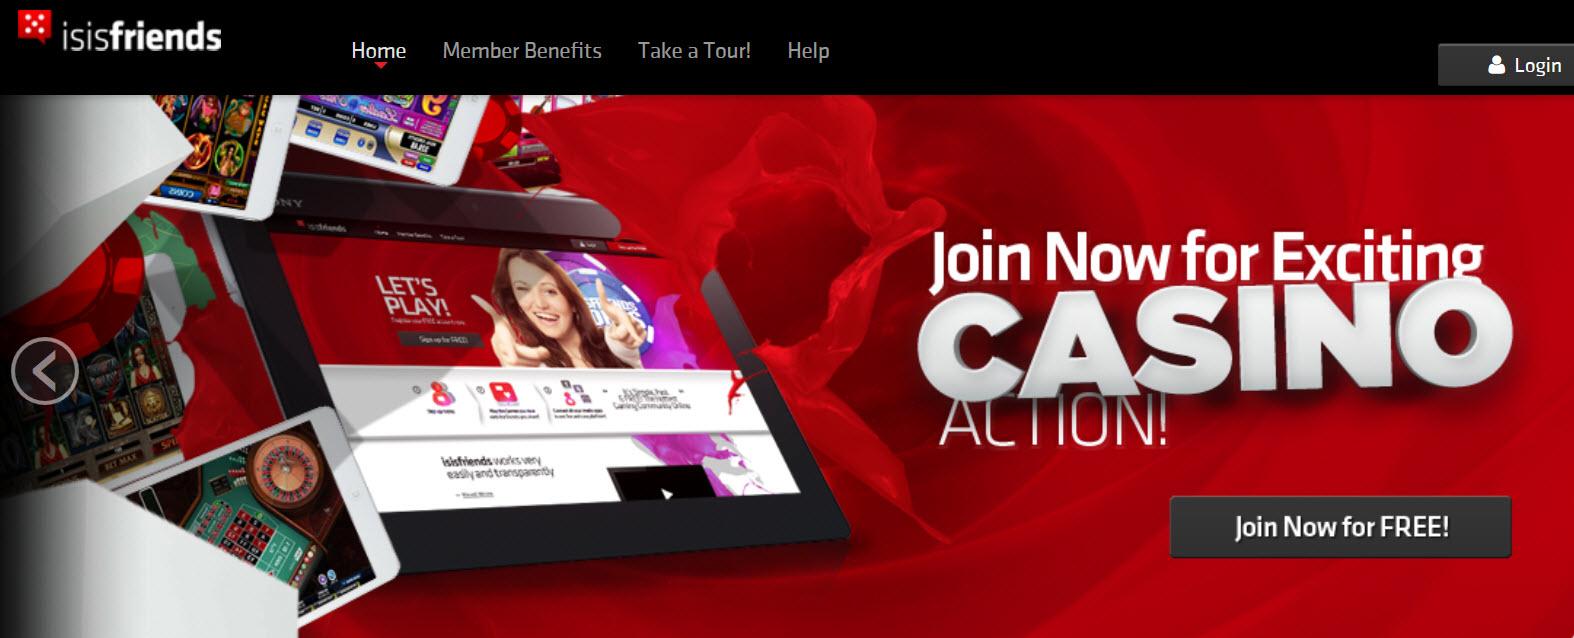 deutschland online casino gaming seite